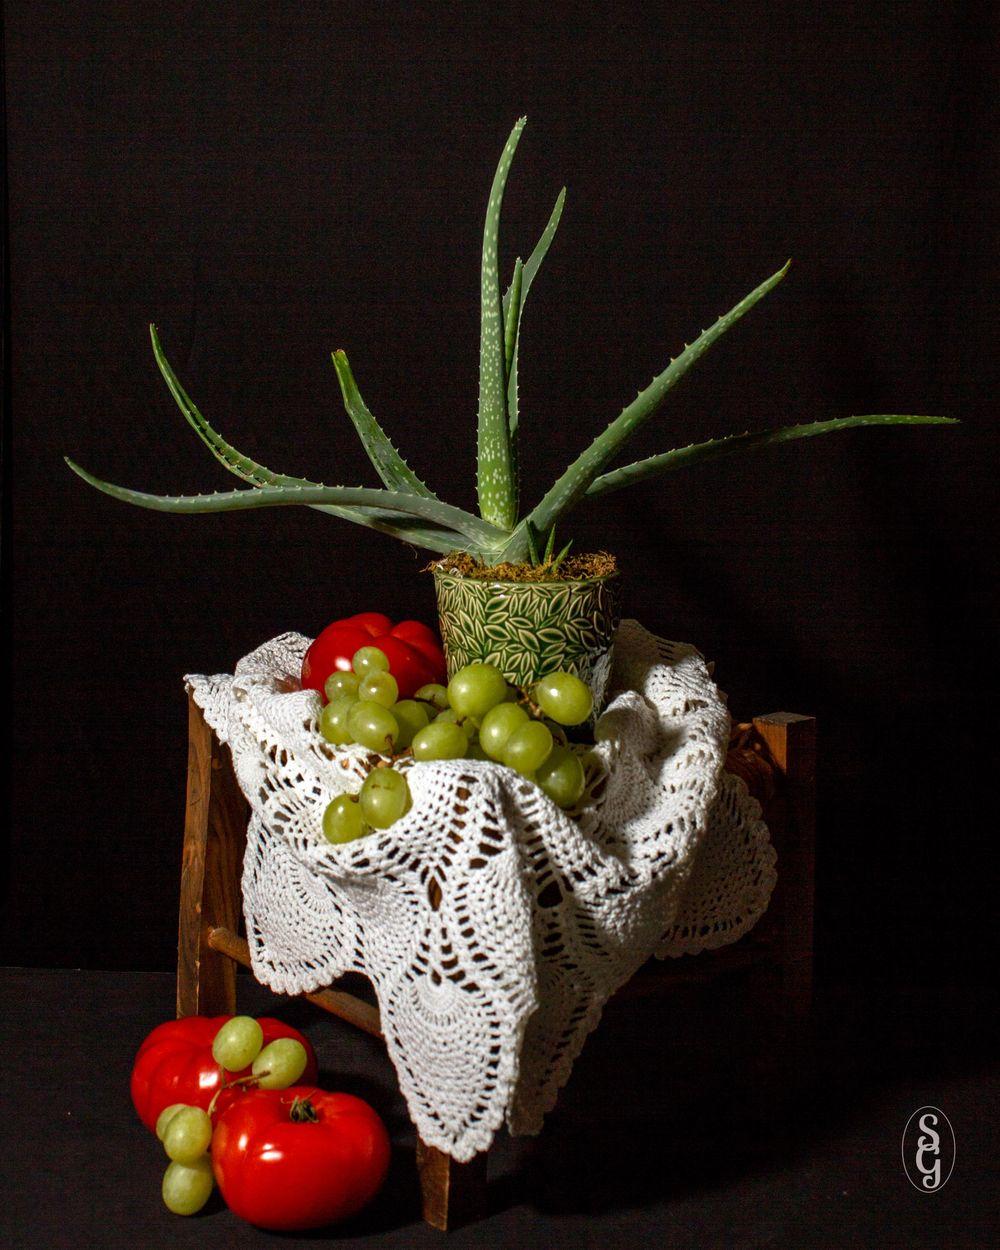 Aloe, et al - image 1 - student project